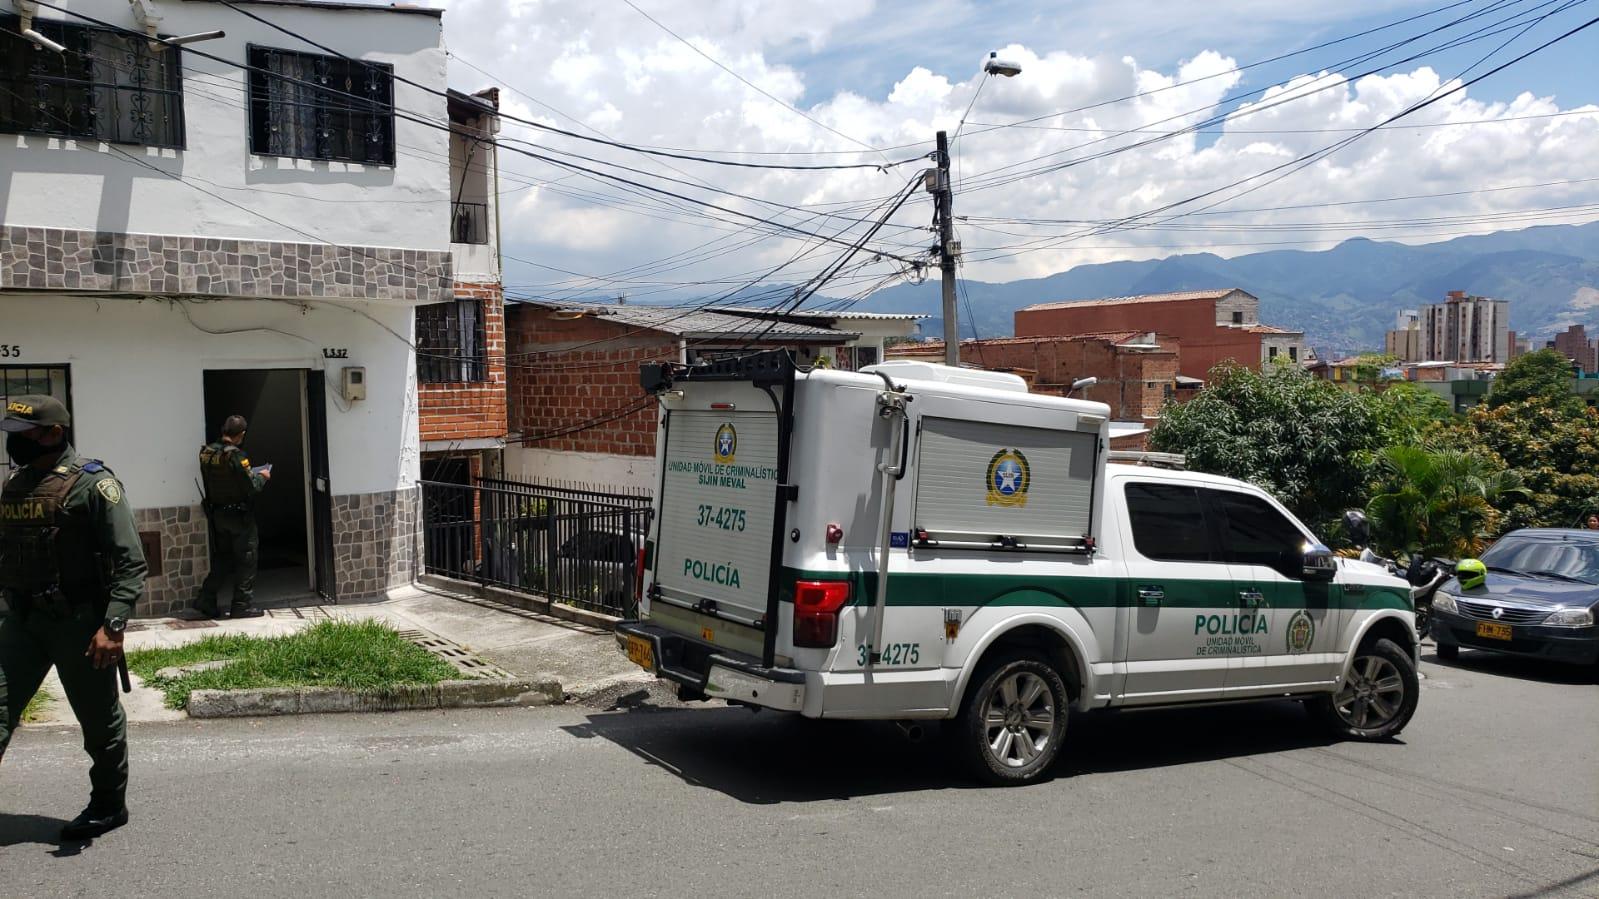 Más de 15 heridas de arma blanca tenía un hombre hallado muerto en su vivienda